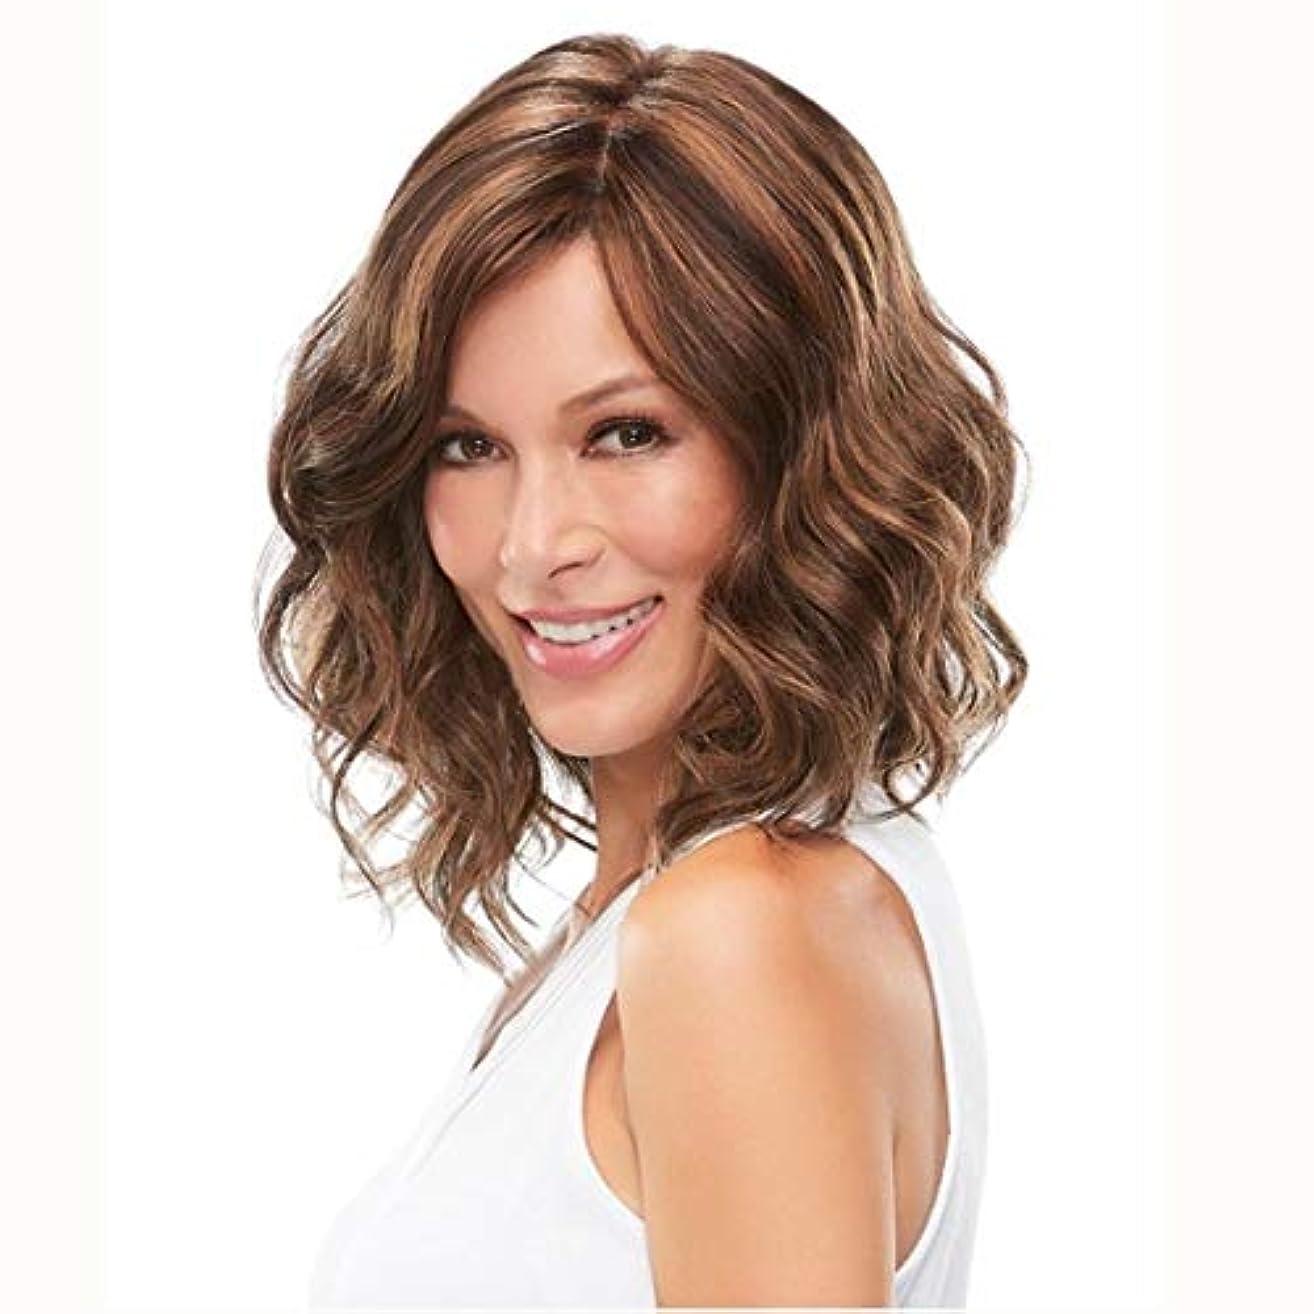 判決透けるディプロマKerwinner 短い巻き毛のふわふわのかつら女性の女の子のための短い波状の合成かつら